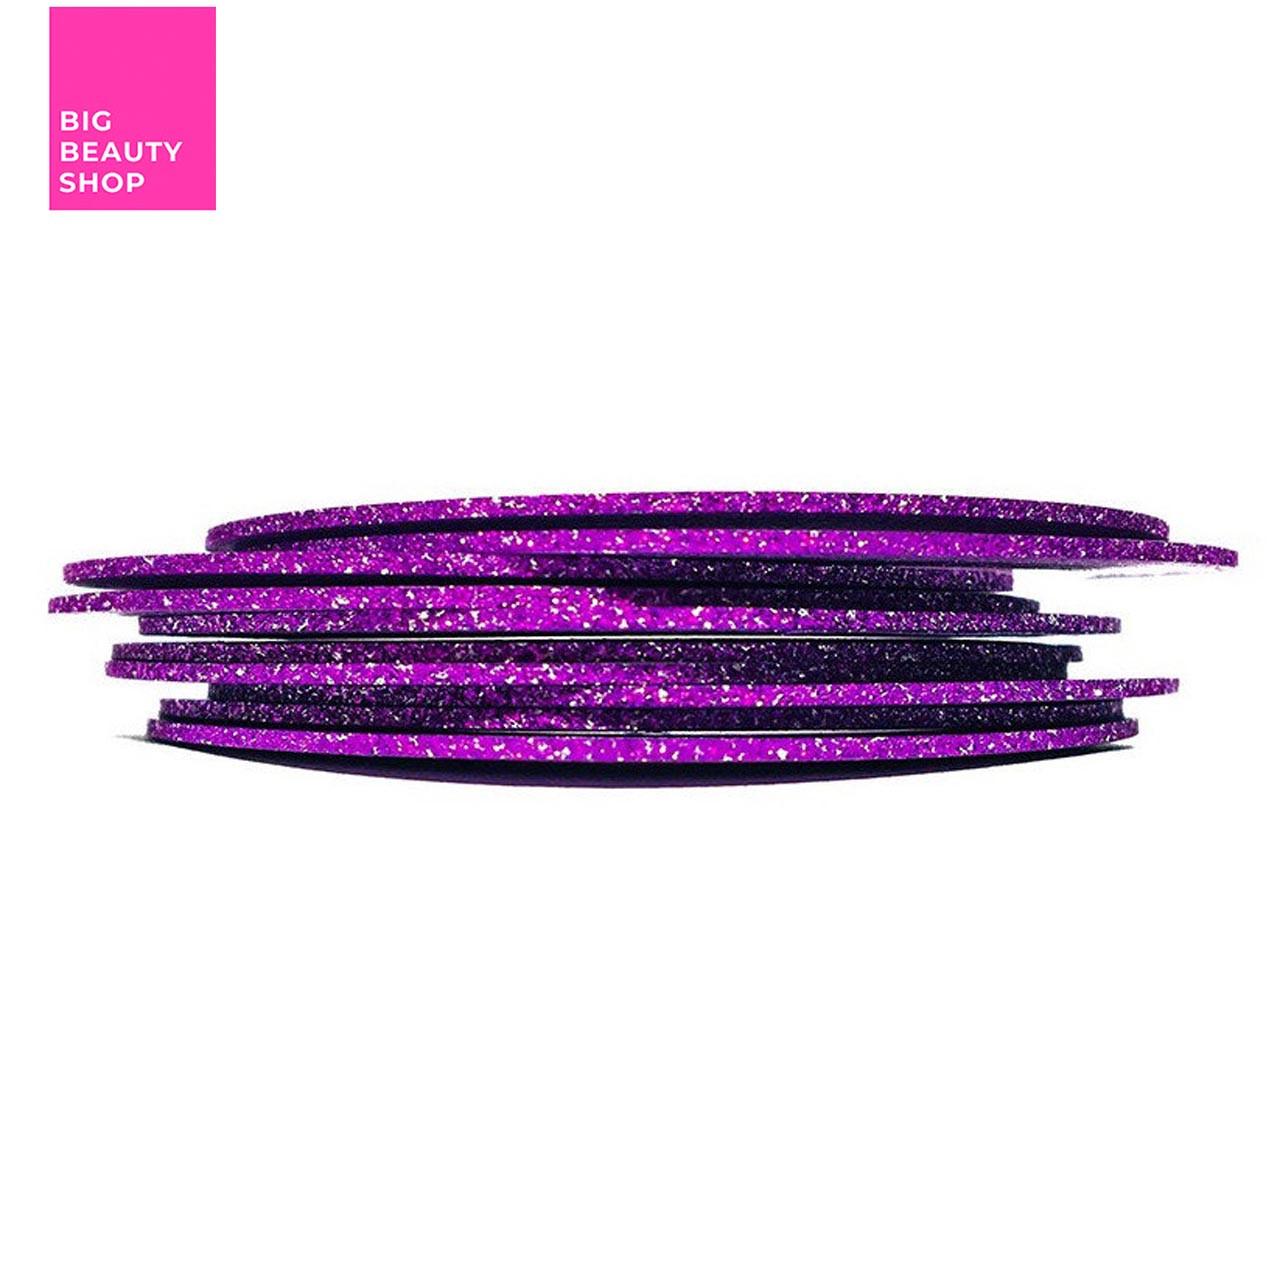 Голографическая полоска для ногтей ANVI 1 мм (фиолетовая с блестками)